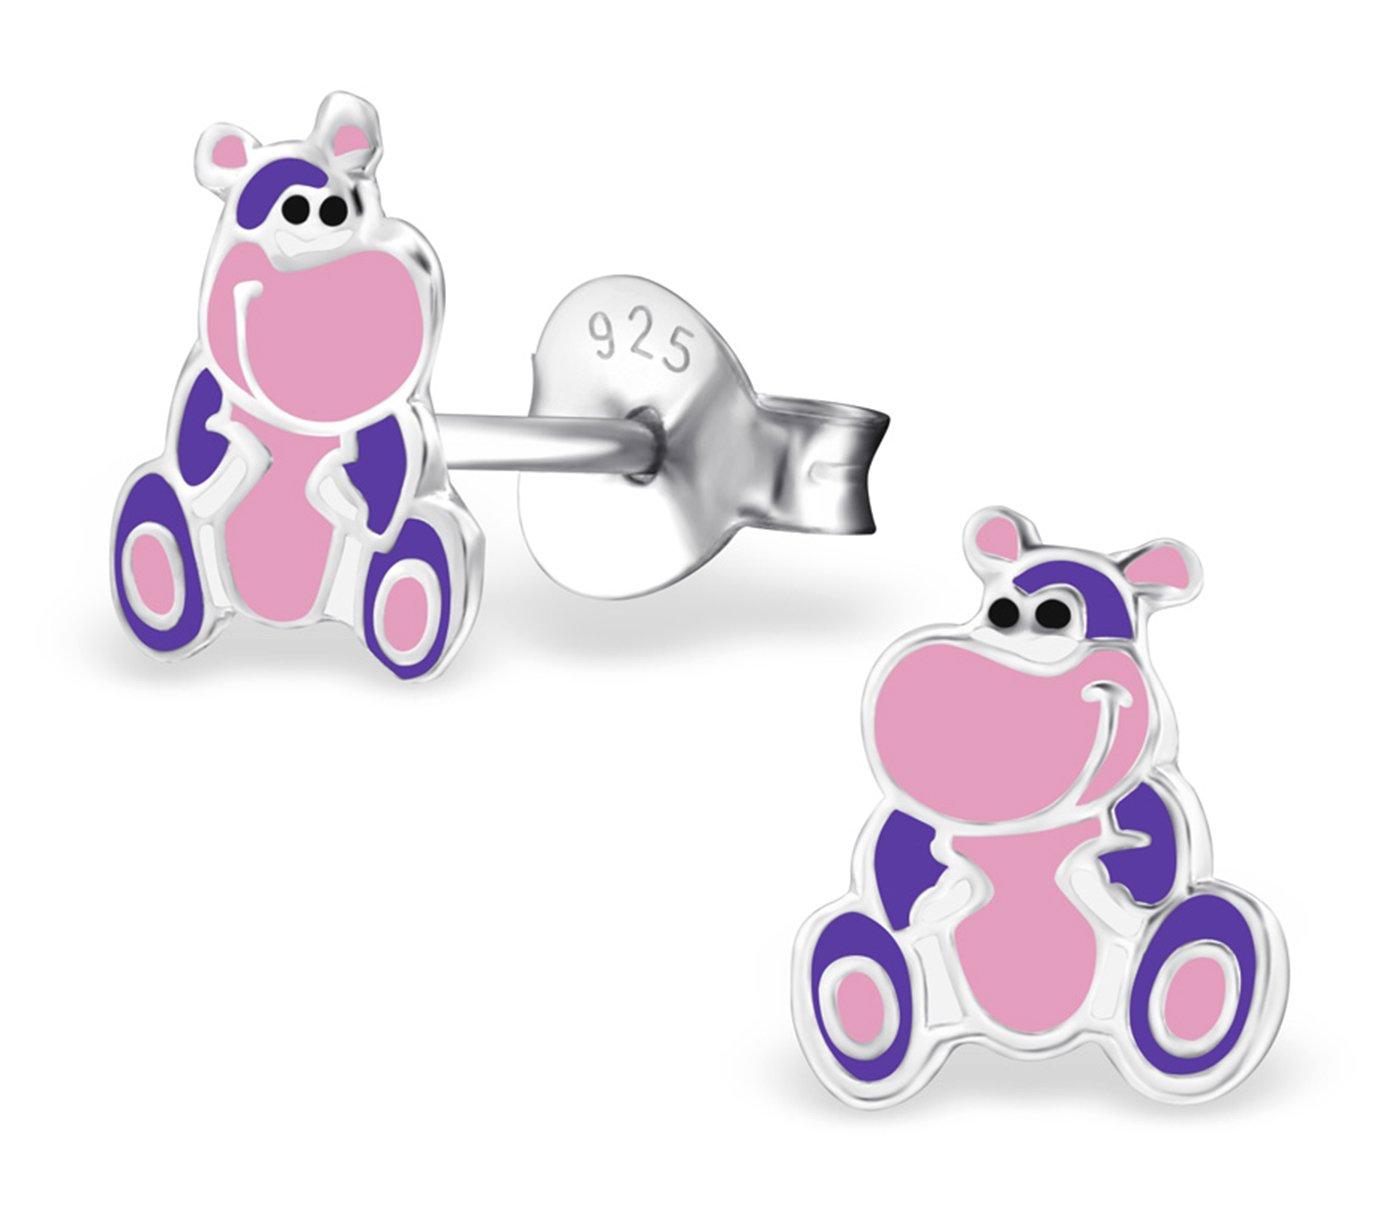 Best Wing Jewelry .925 Sterling Silver Hippopotamus/Hippo Children's Stud Earrings by Best Wing Children's Earrings (Image #1)